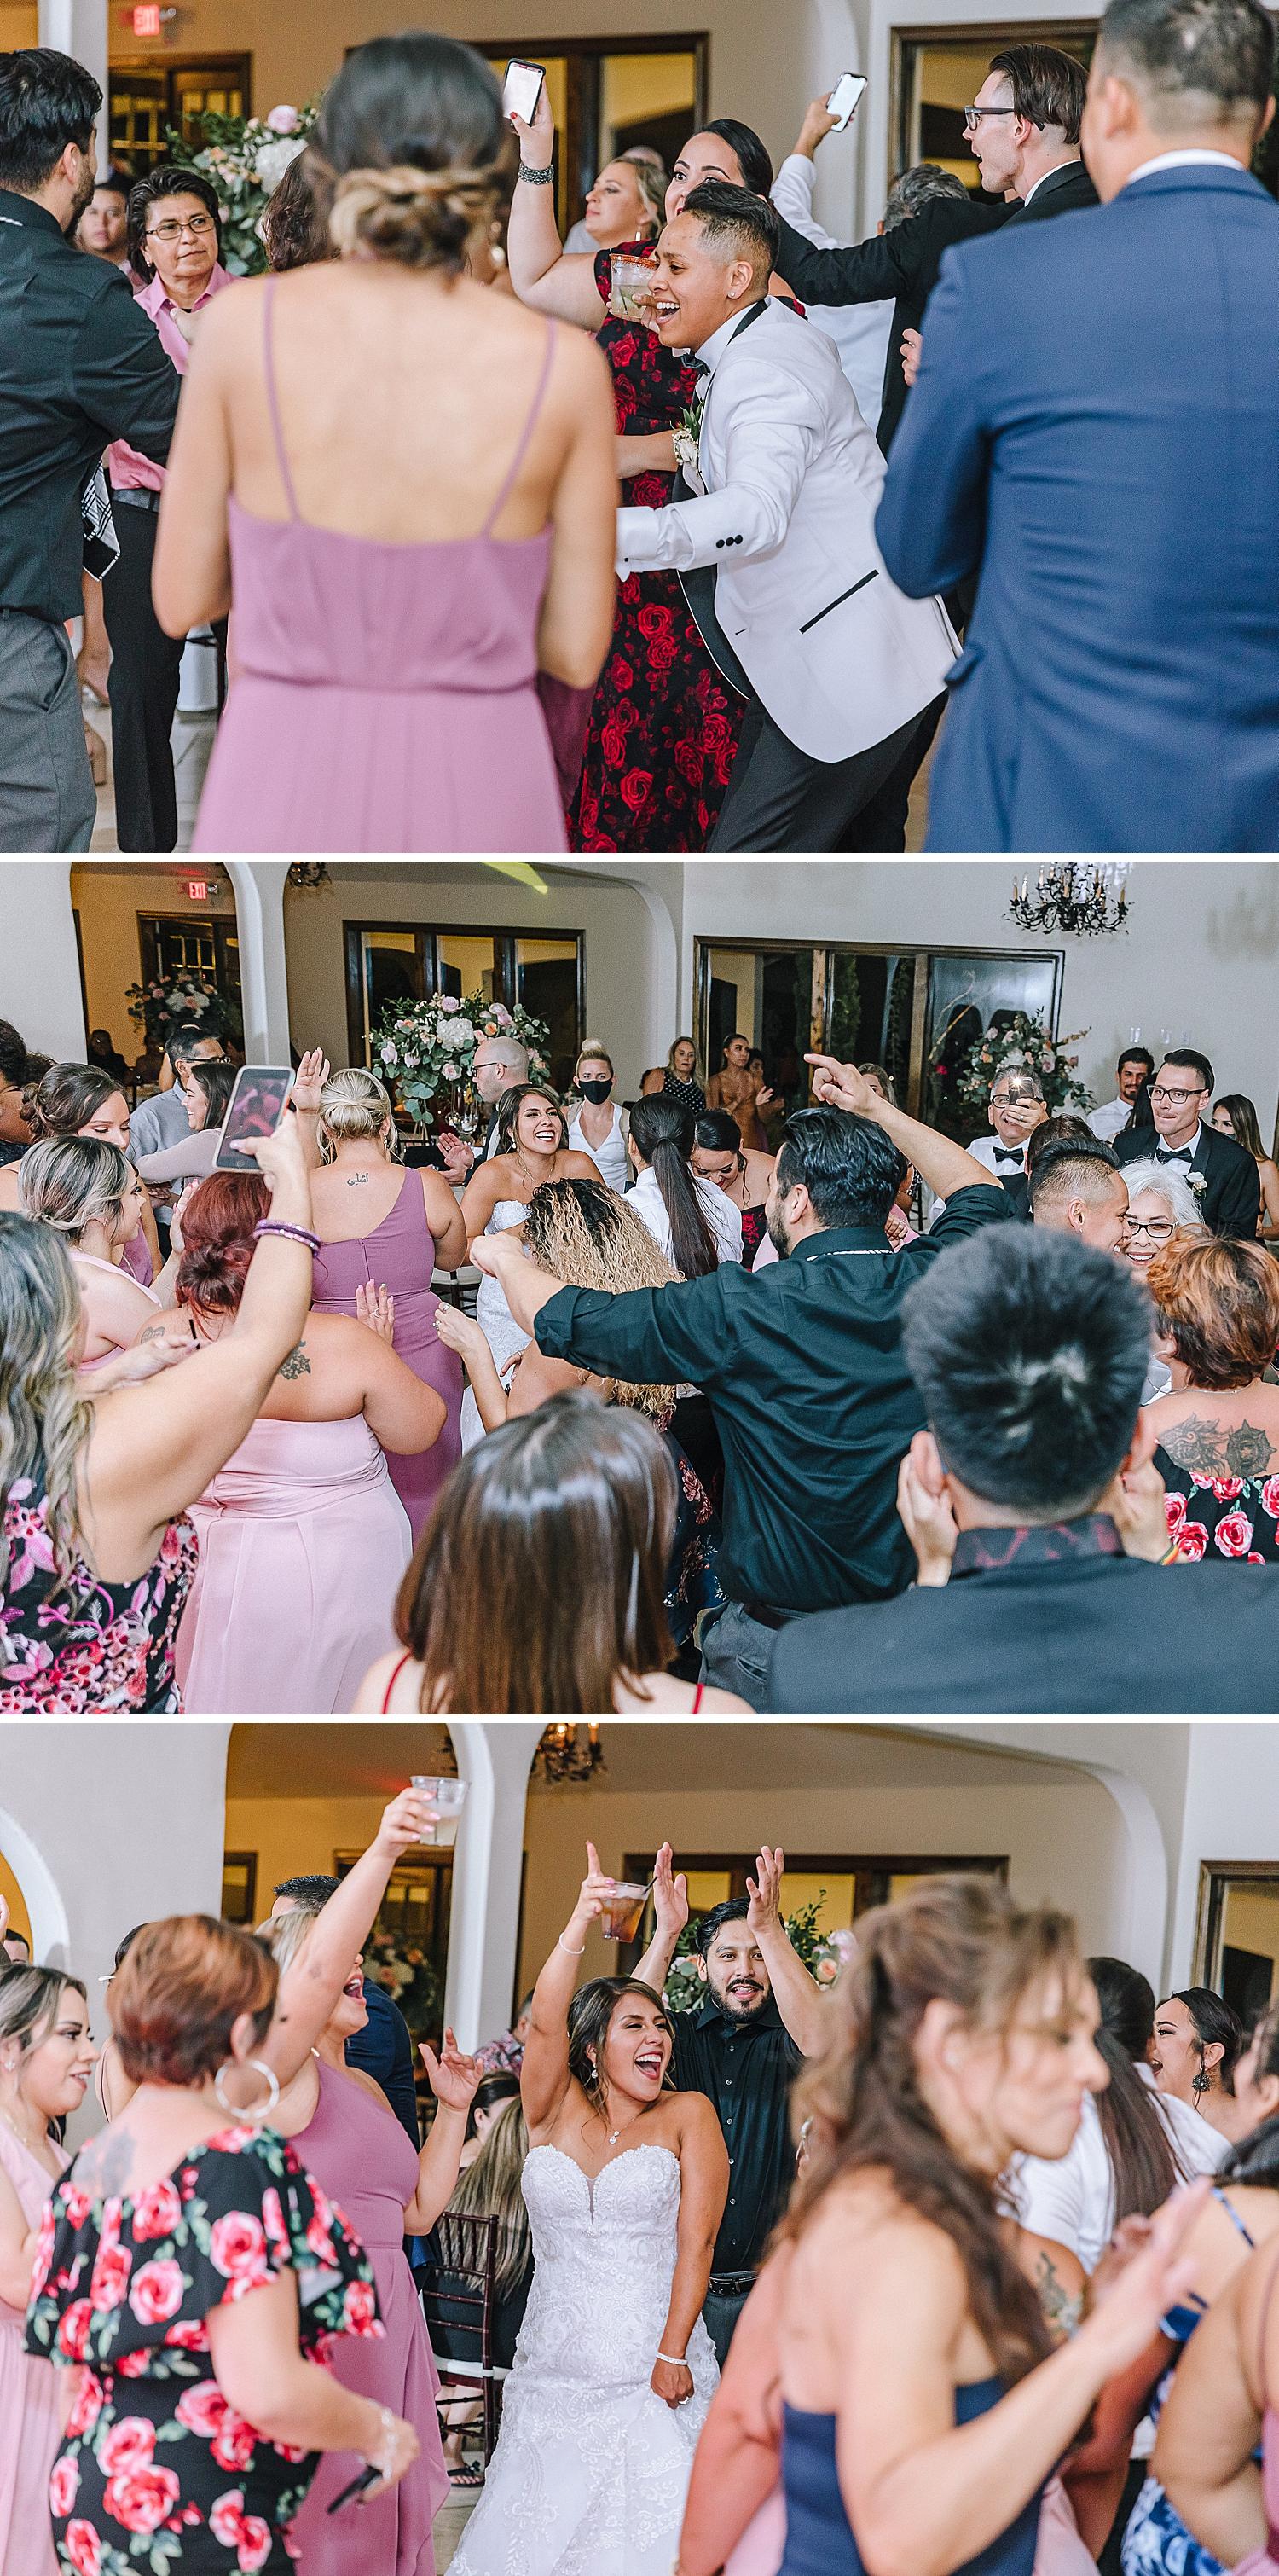 Carly-Barton-Photography-The-Villa-at-Cielo-Vista-Blush-Gold-White-Wedding-Photos_0012.jpg